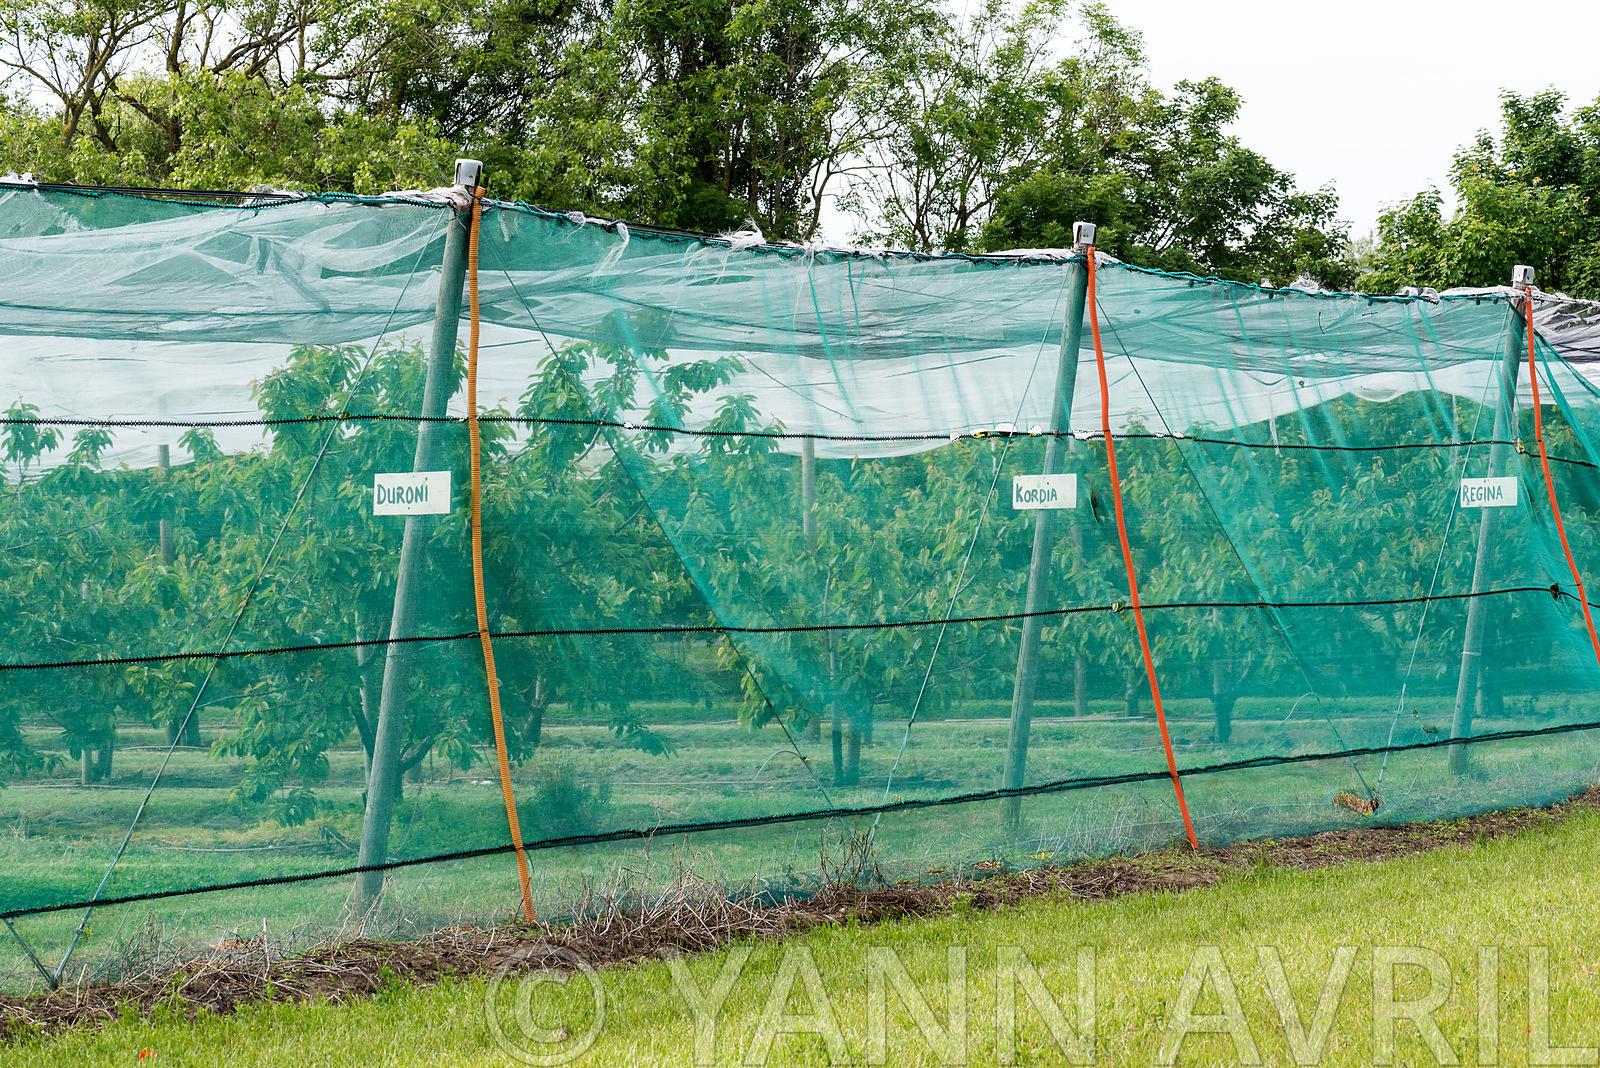 Yann Avril Photography | Garden And Nature Rhubarbe Dans Un ... intérieur Filet De Protection Jardin